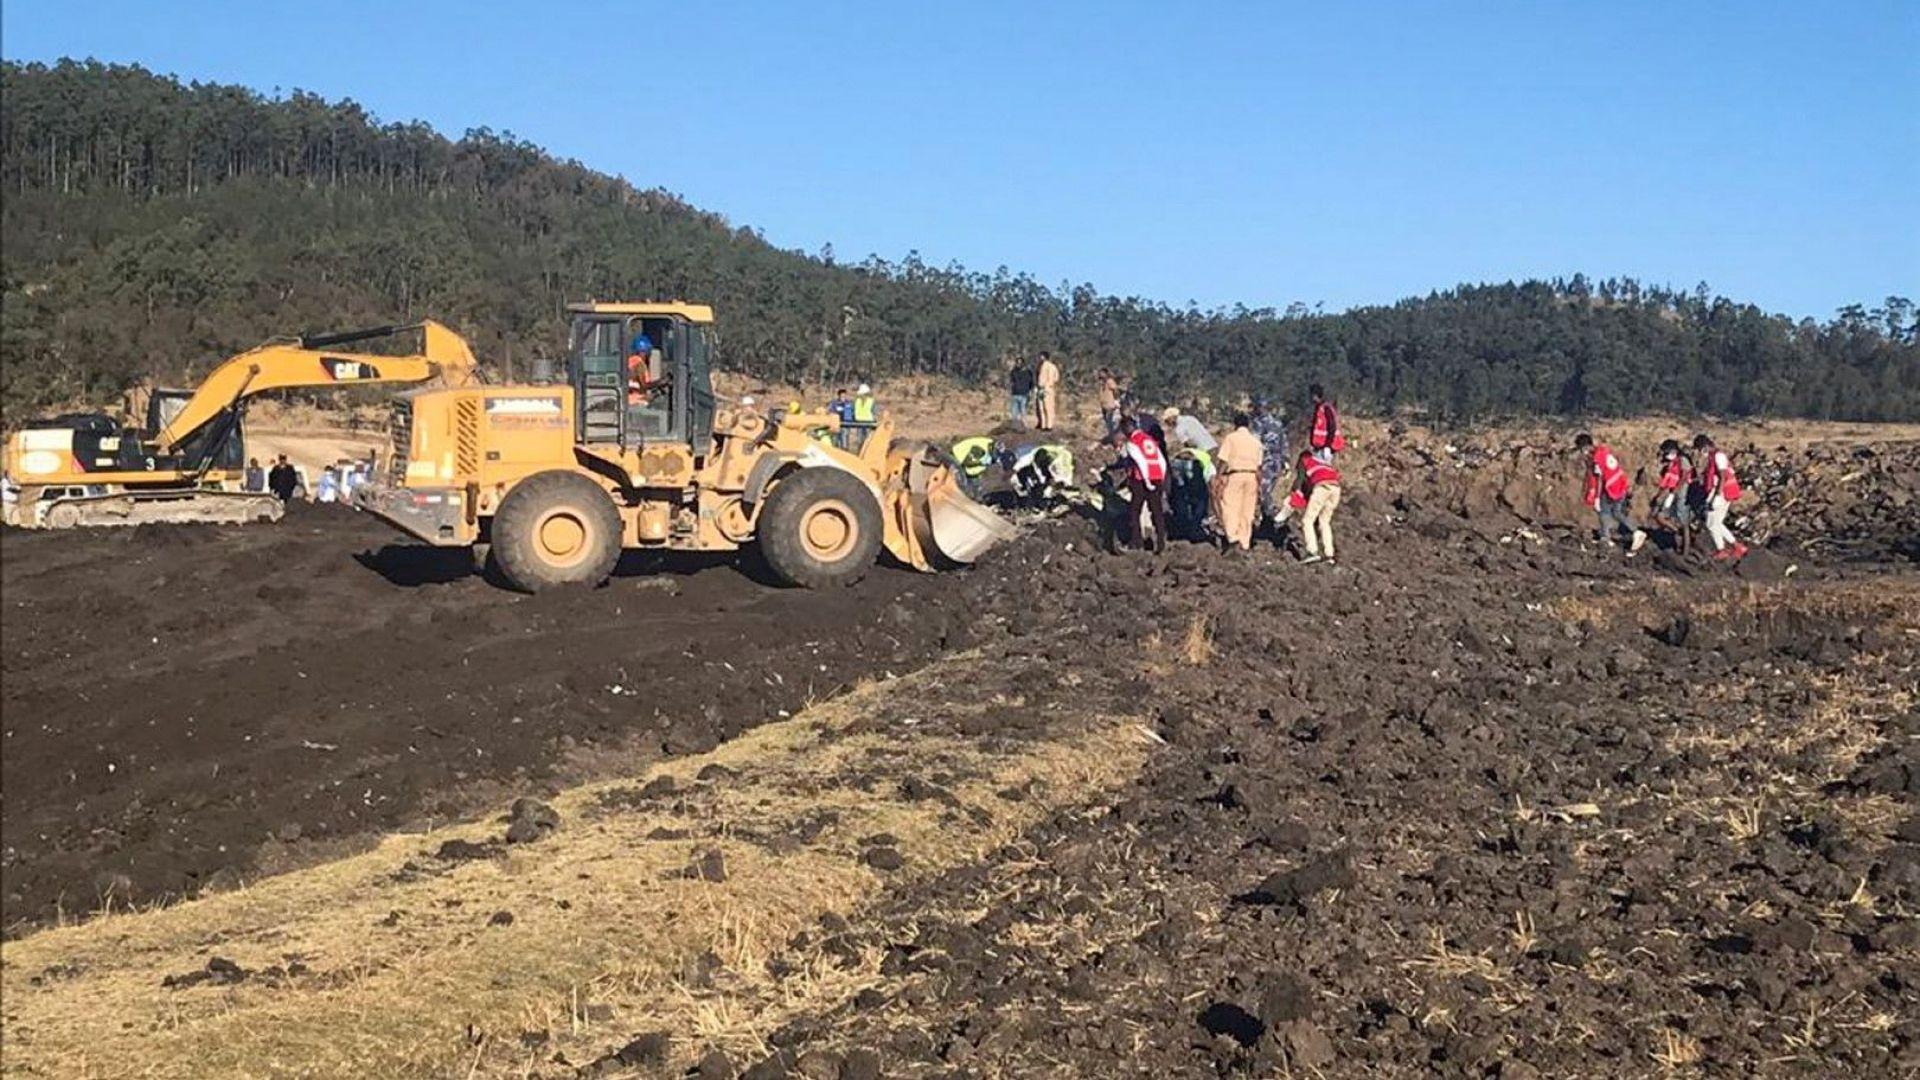 Сред жертвите на самолетната катастрофа в Етиопия има най-много граждани